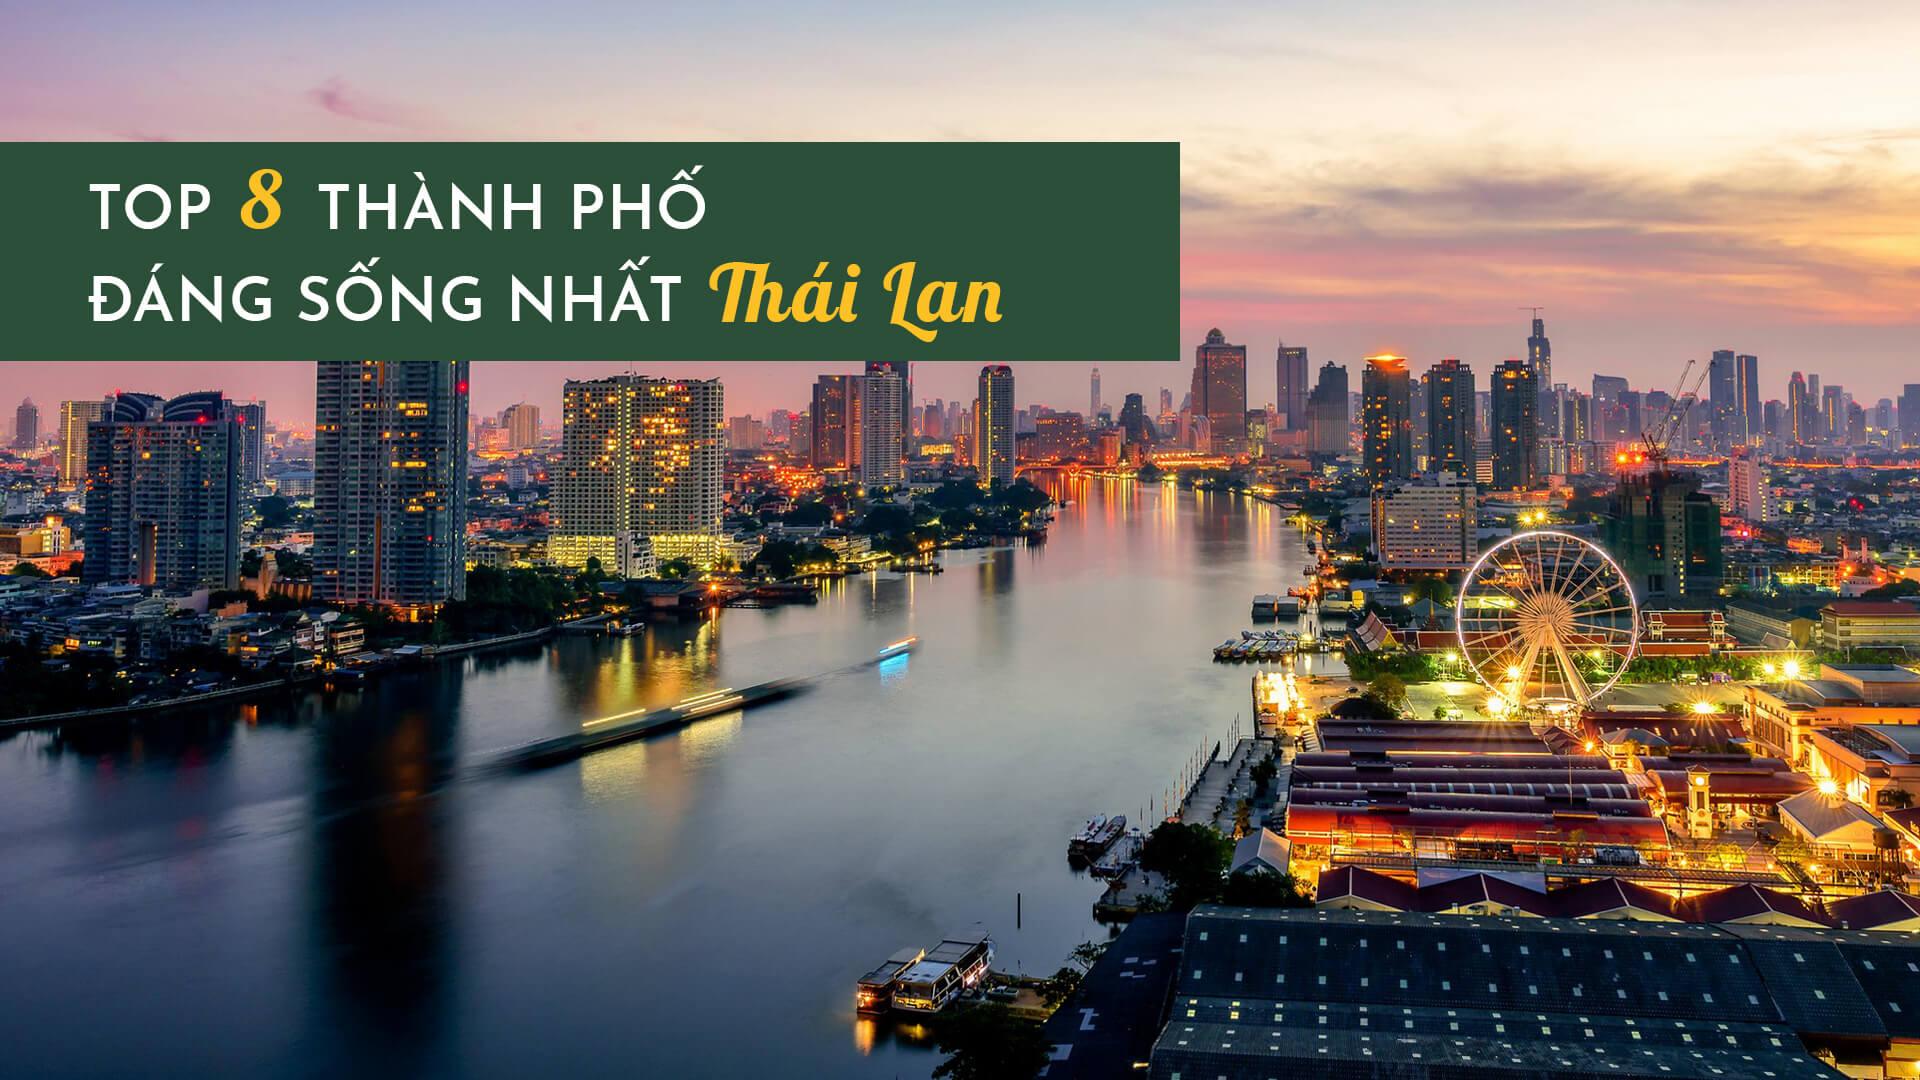 Top 8 thành phố đáng sống nhất Thái Lan